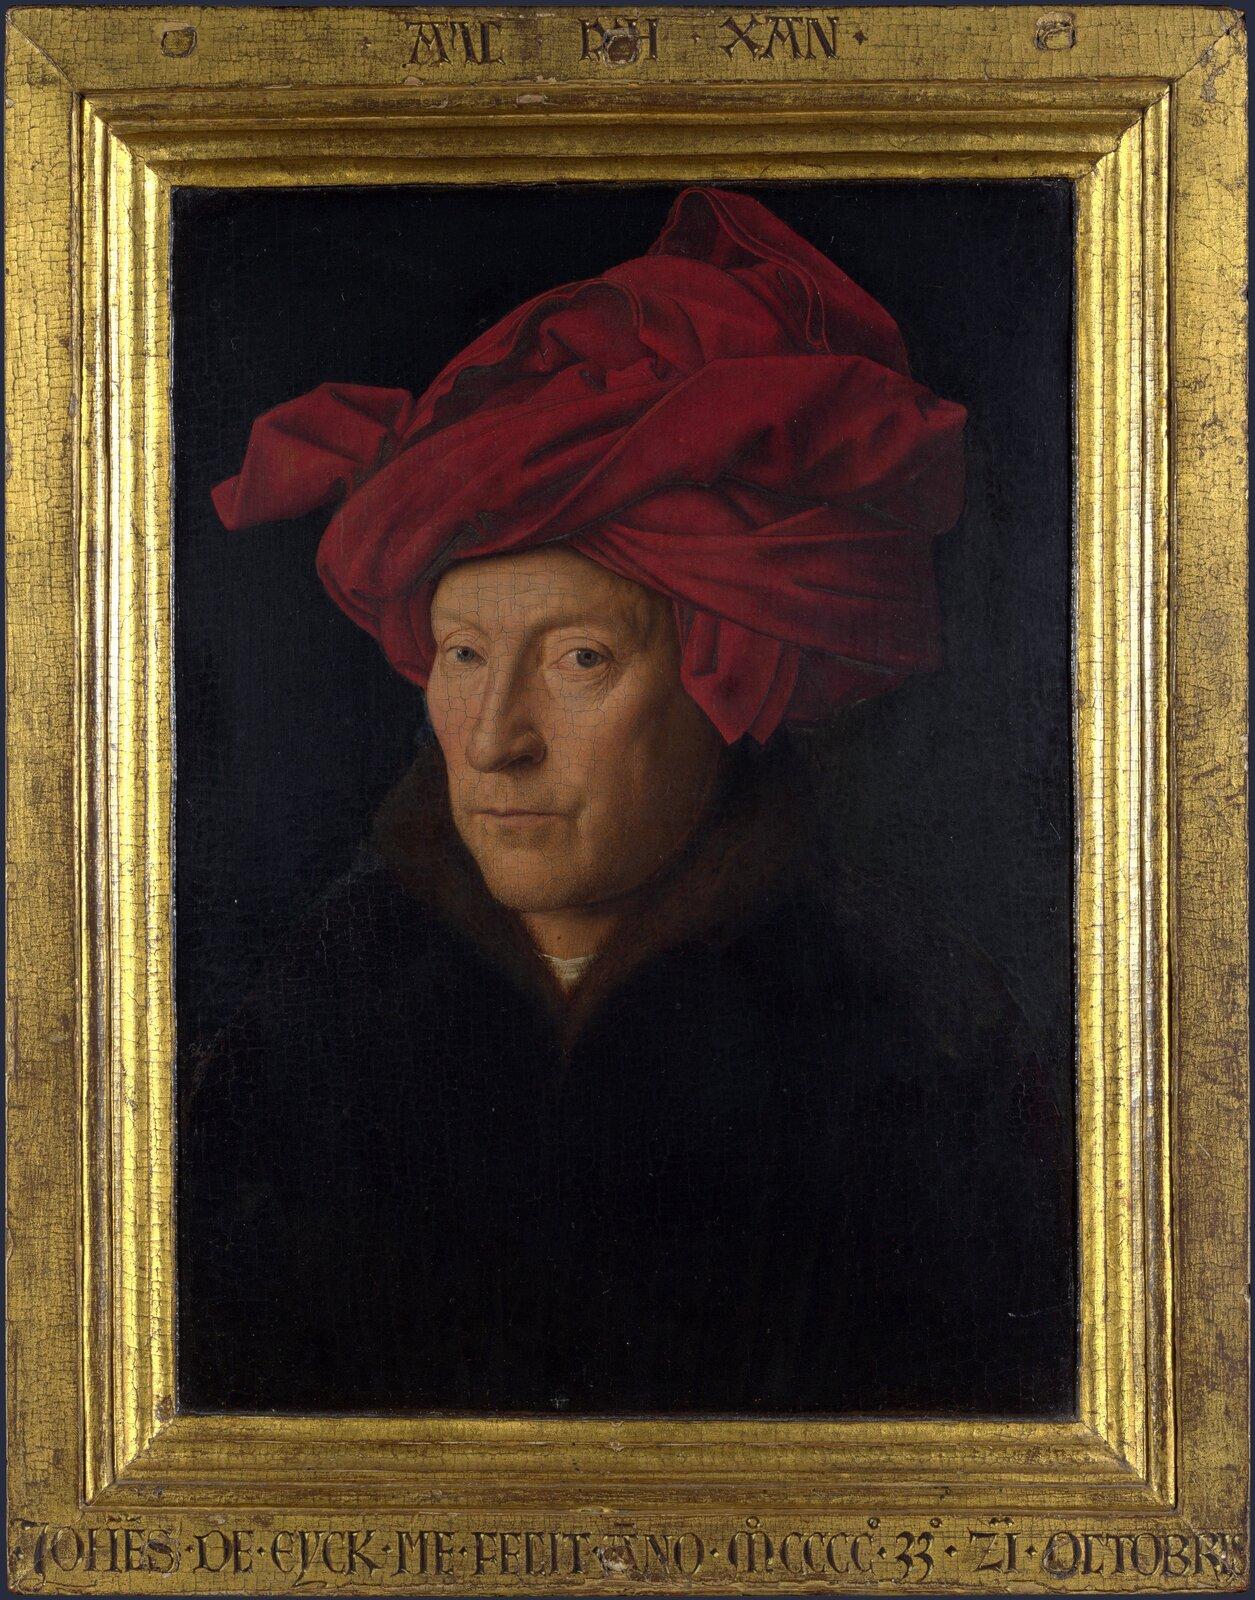 Autoportret (domniemany) Źródło: Jan van Eyck, Autoportret (domniemany), 1433, olej na desce, National Gallery, Londyn, domena publiczna.